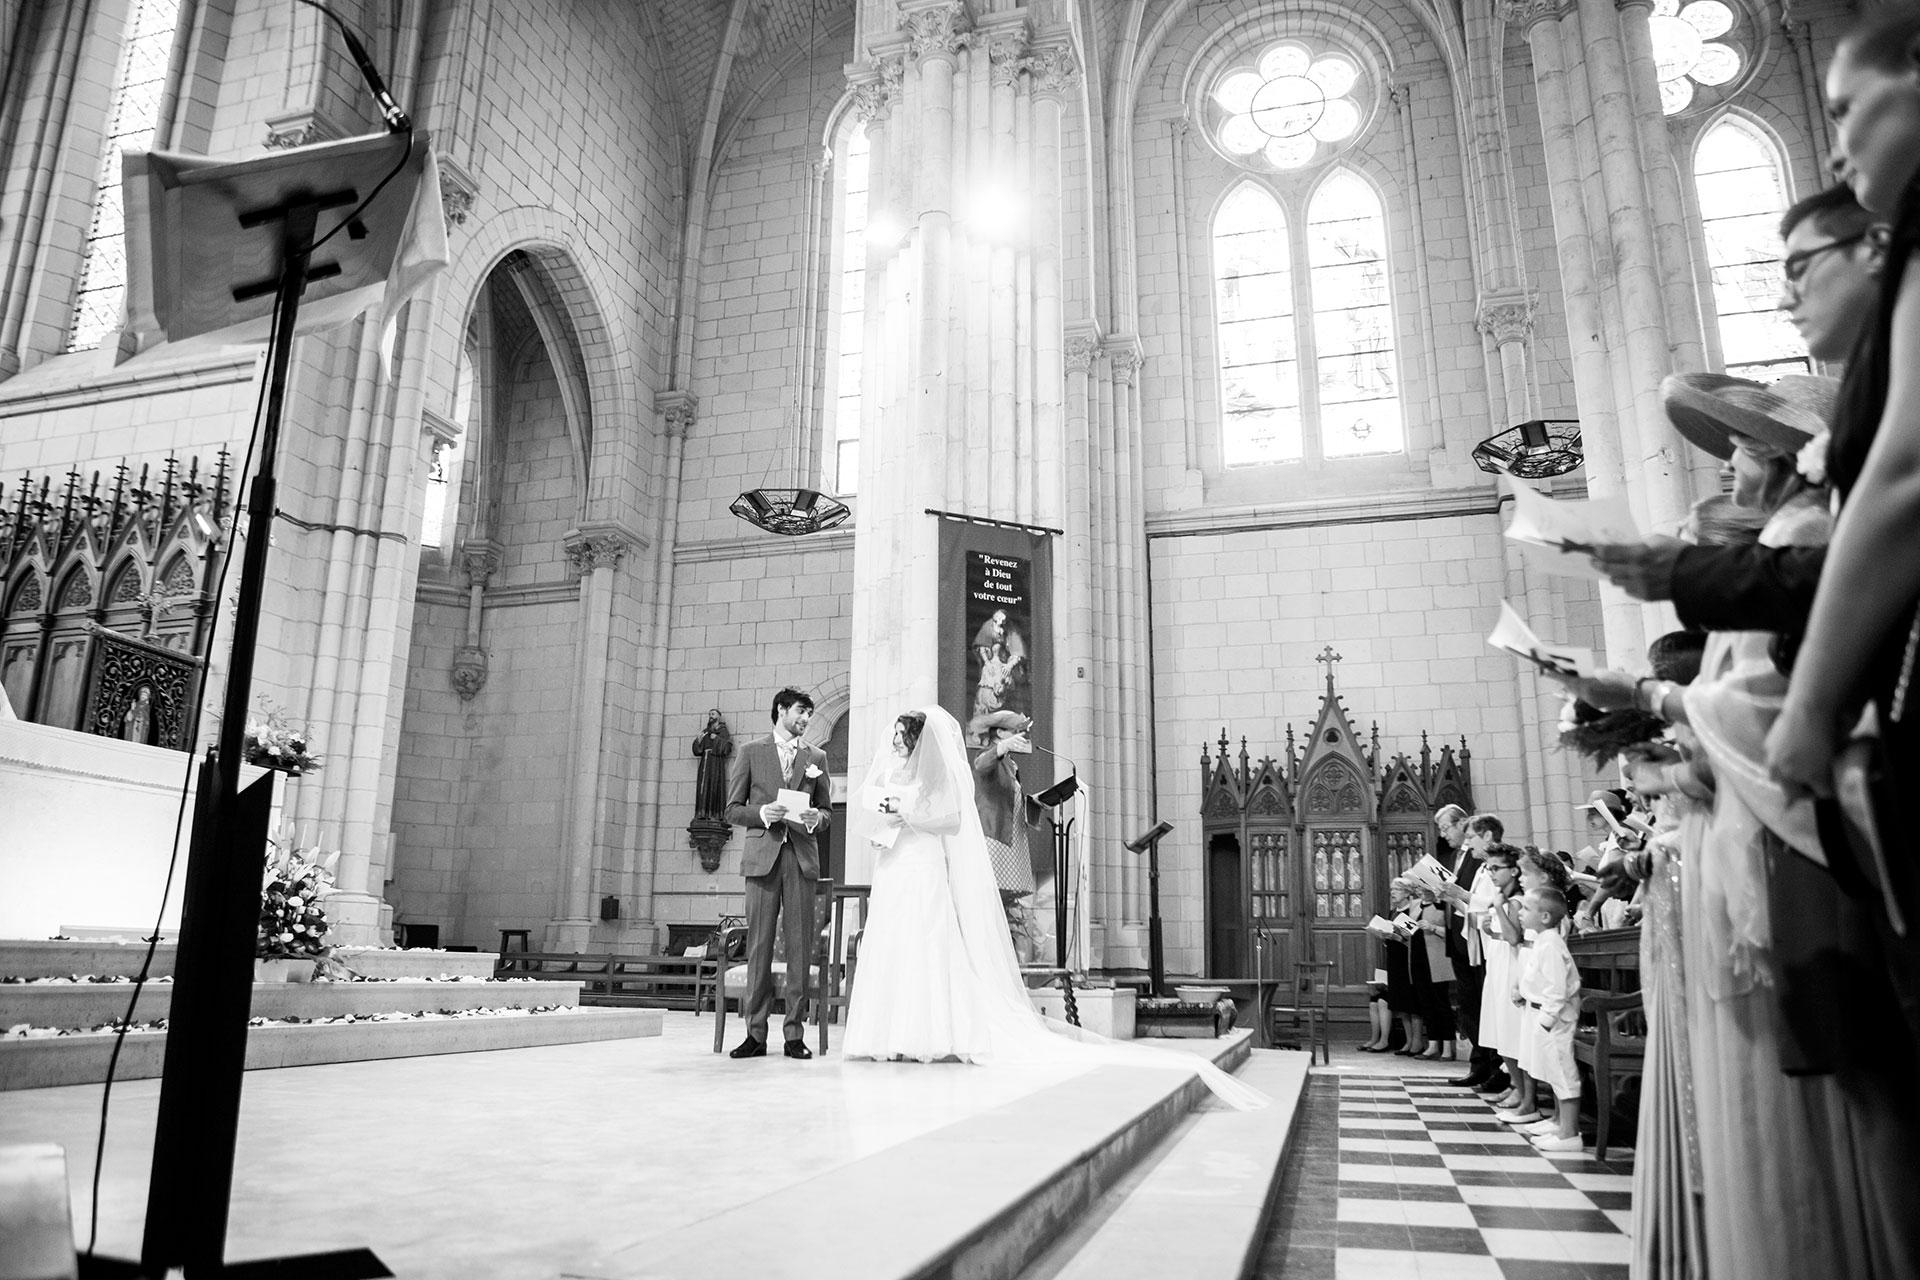 particuliers-evenements-mariages-oui-agnes&louis-34